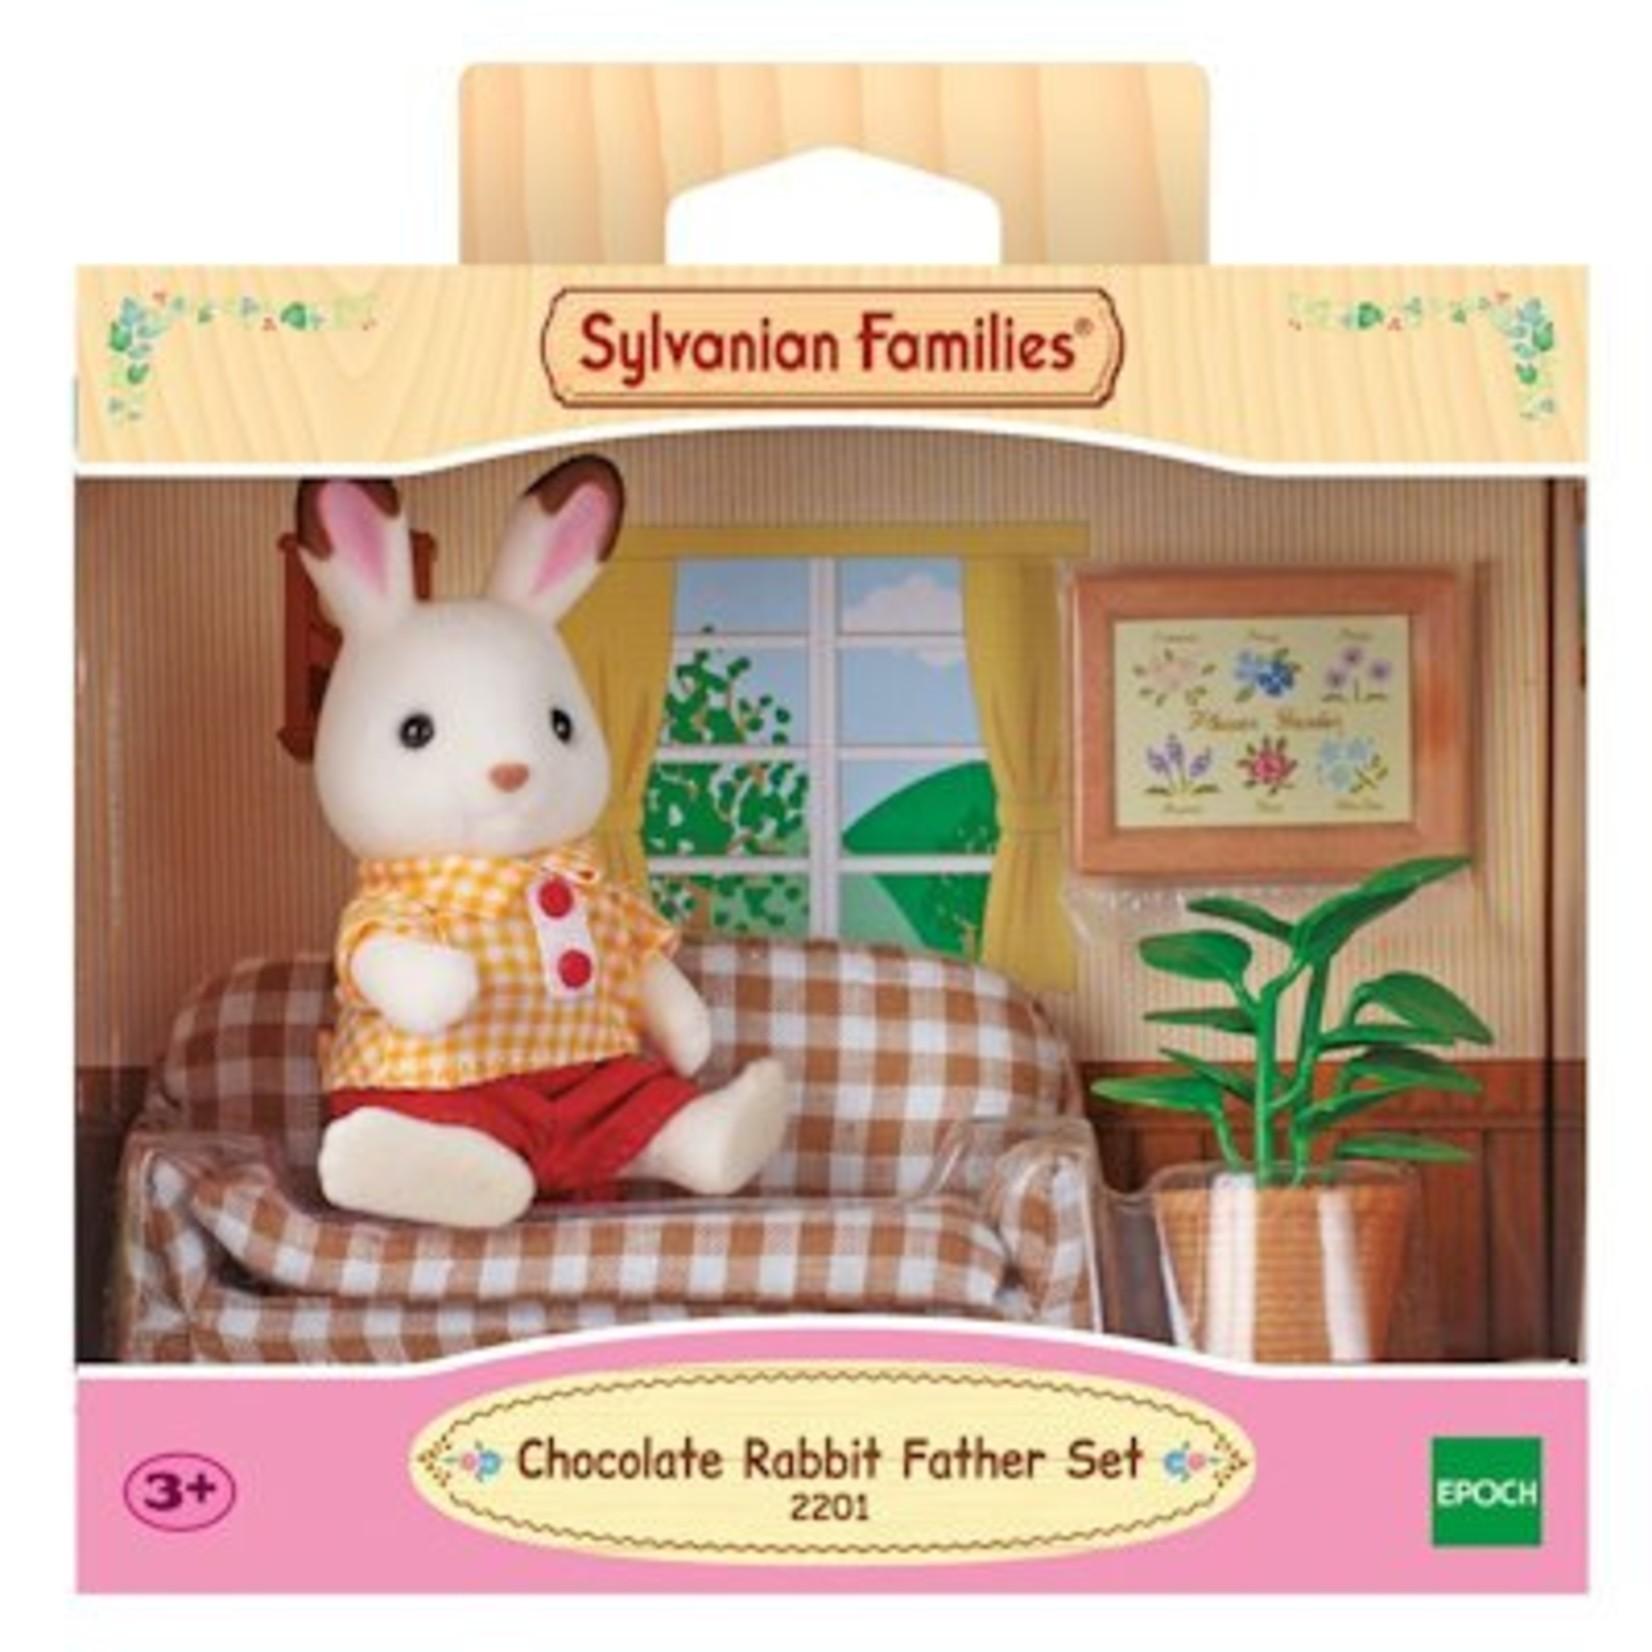 Sylvanian Families Chocolate Rabbit Father Set